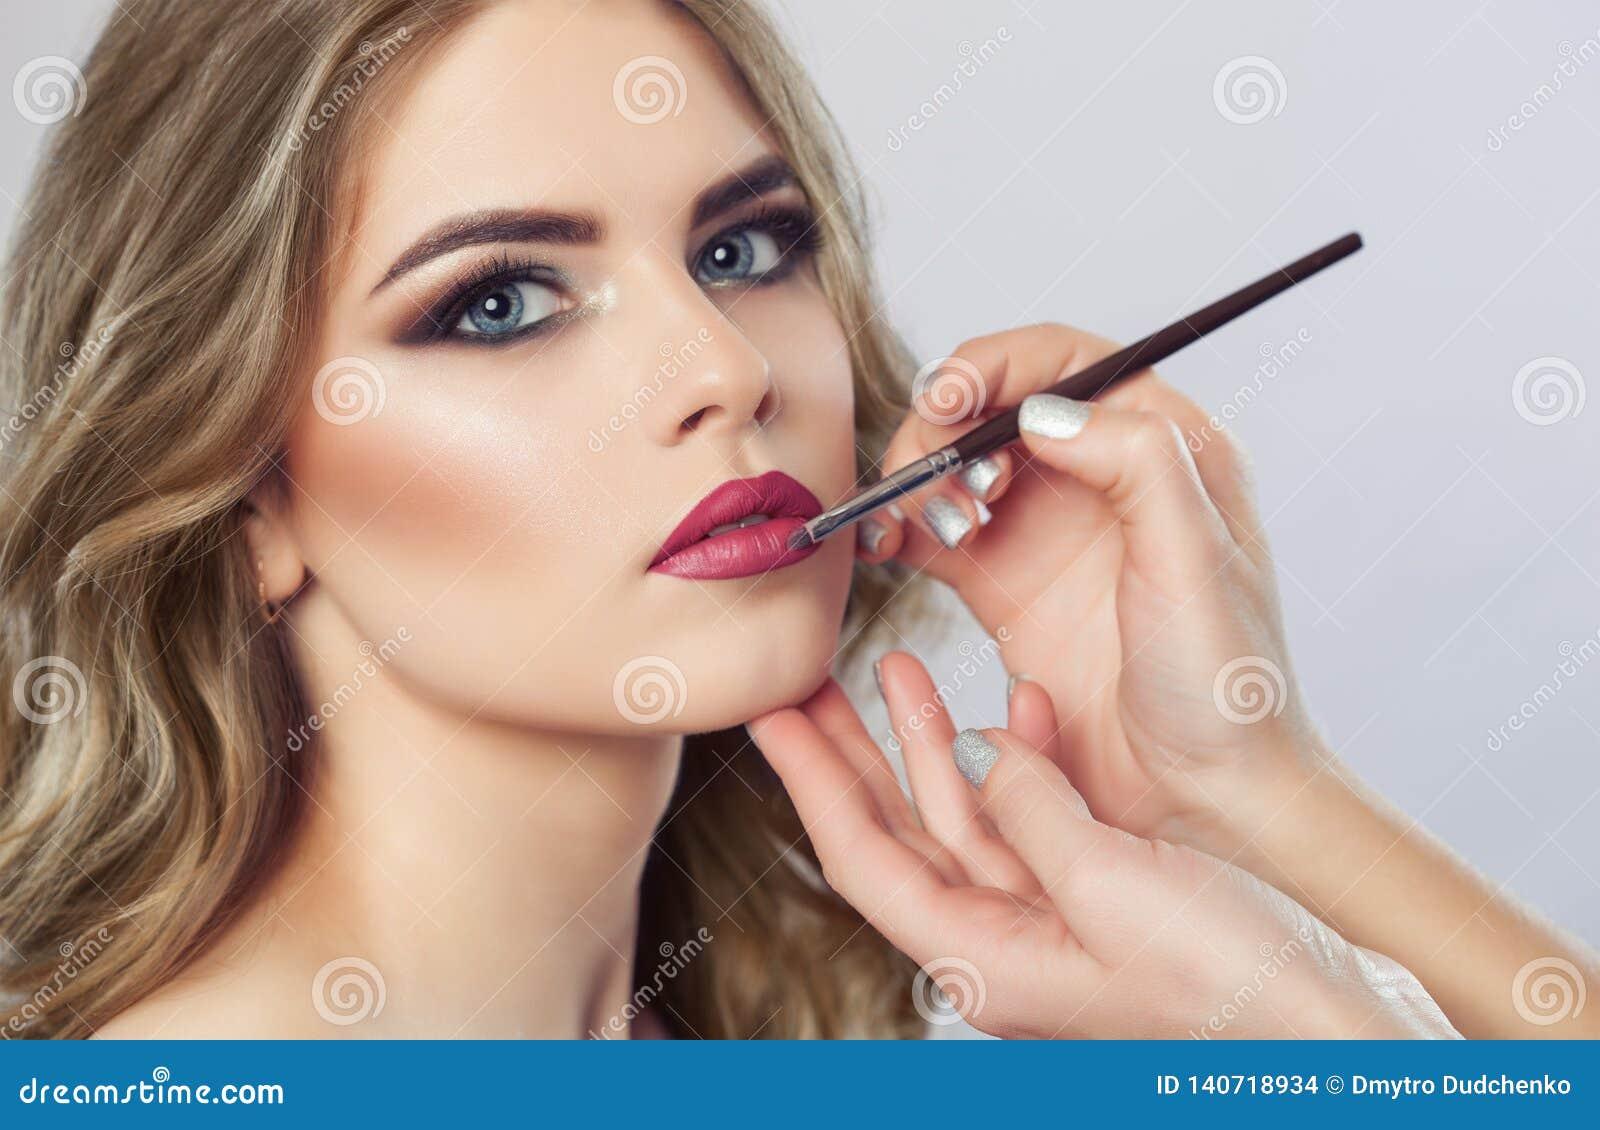 Makijażu artysta maluje wargi piękna kobieta, uzupełnia makijaż w piękno salonie